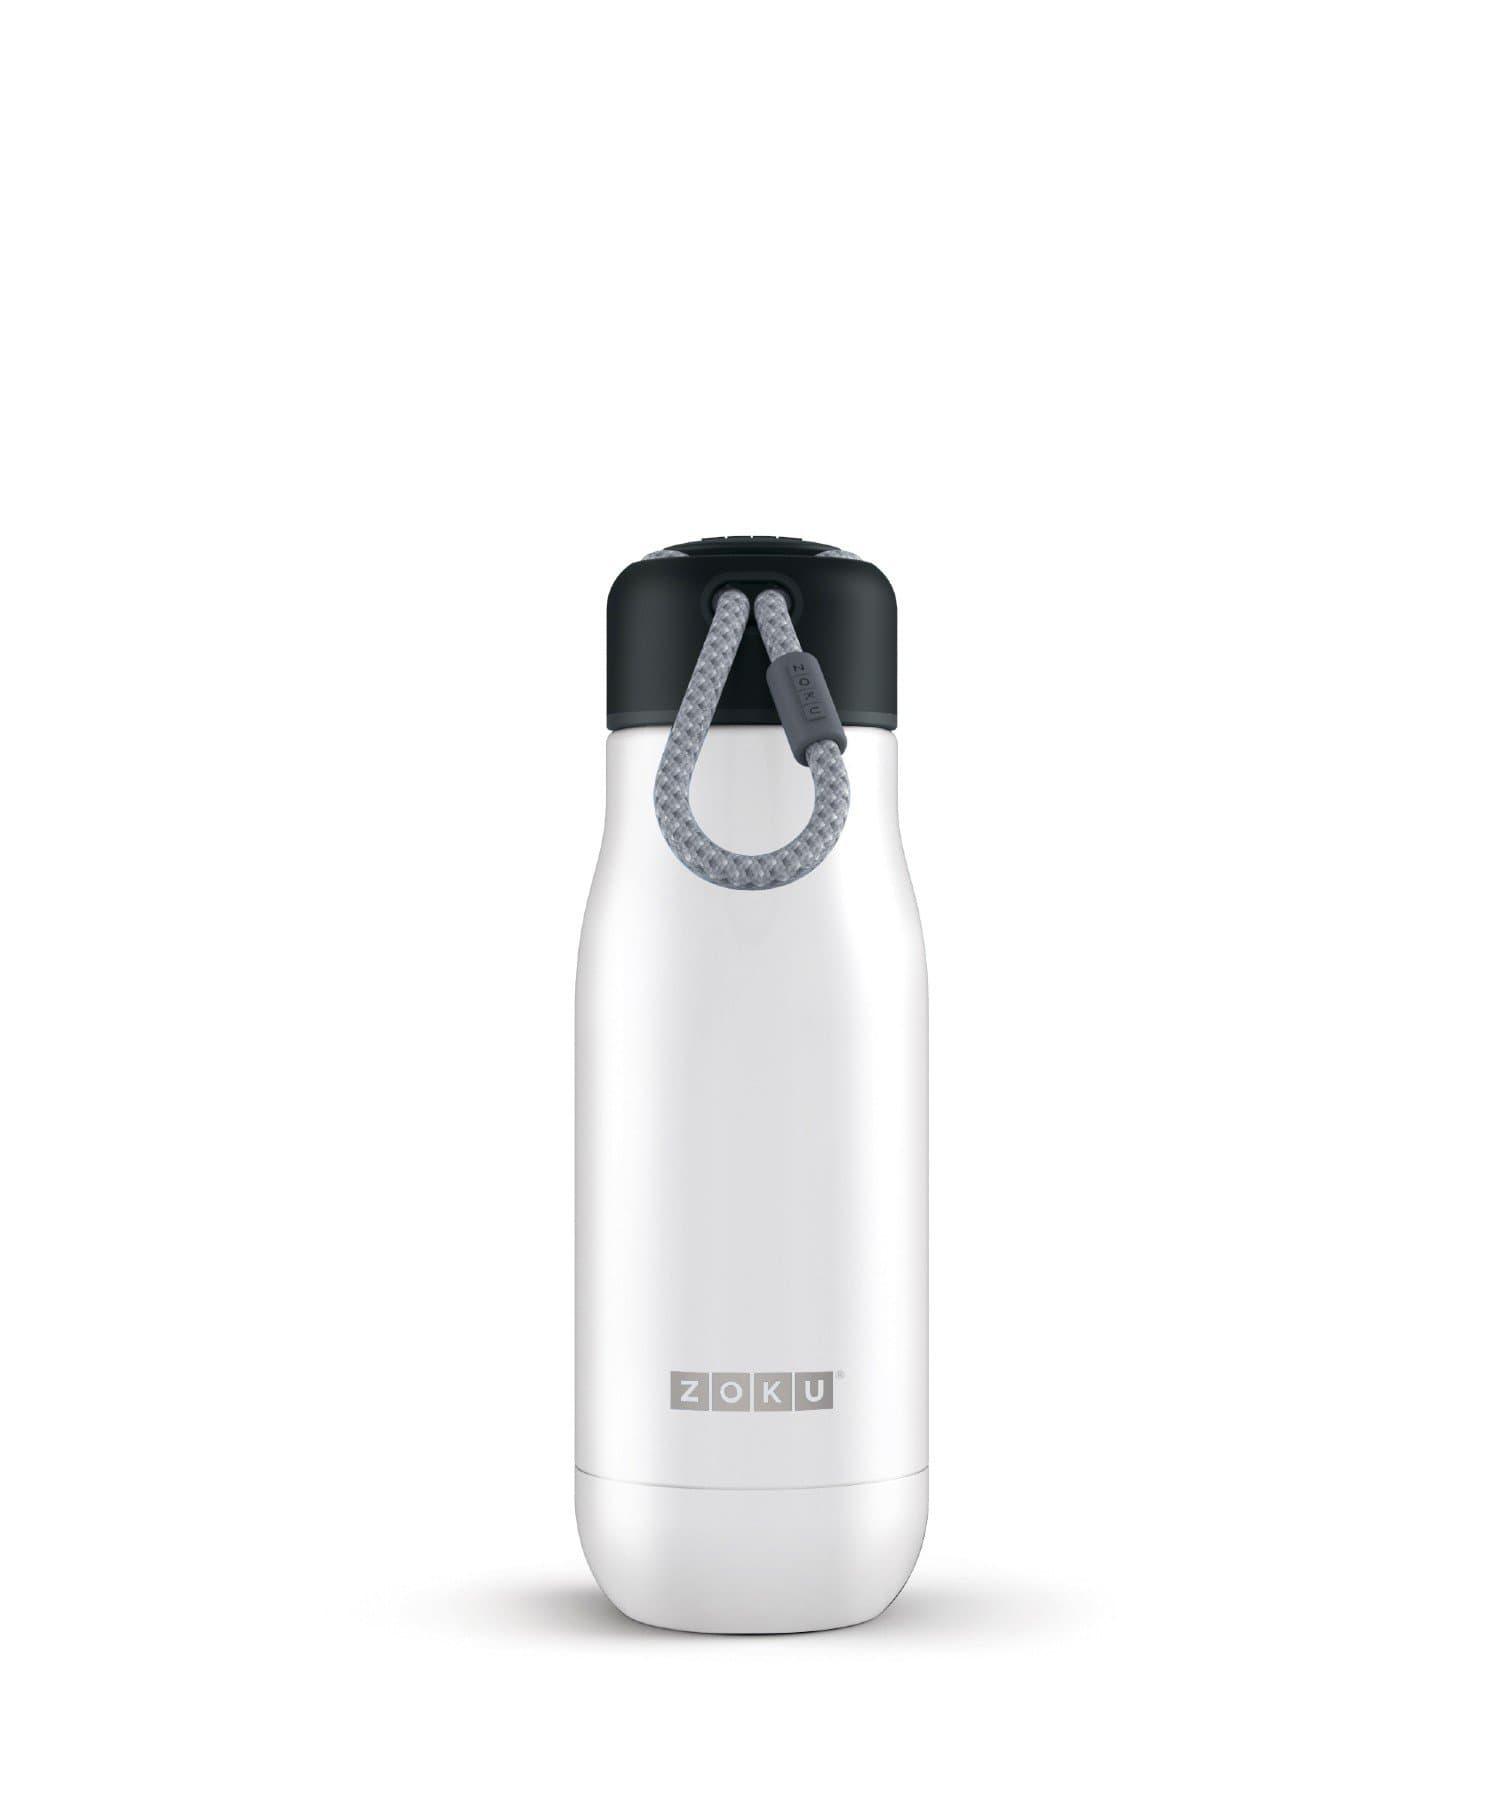 COLONY 2139(コロニー トゥーワンスリーナイン) ライフスタイル 【ZOKU/ゾク】ステンレススチールボトル 350ml ホワイト